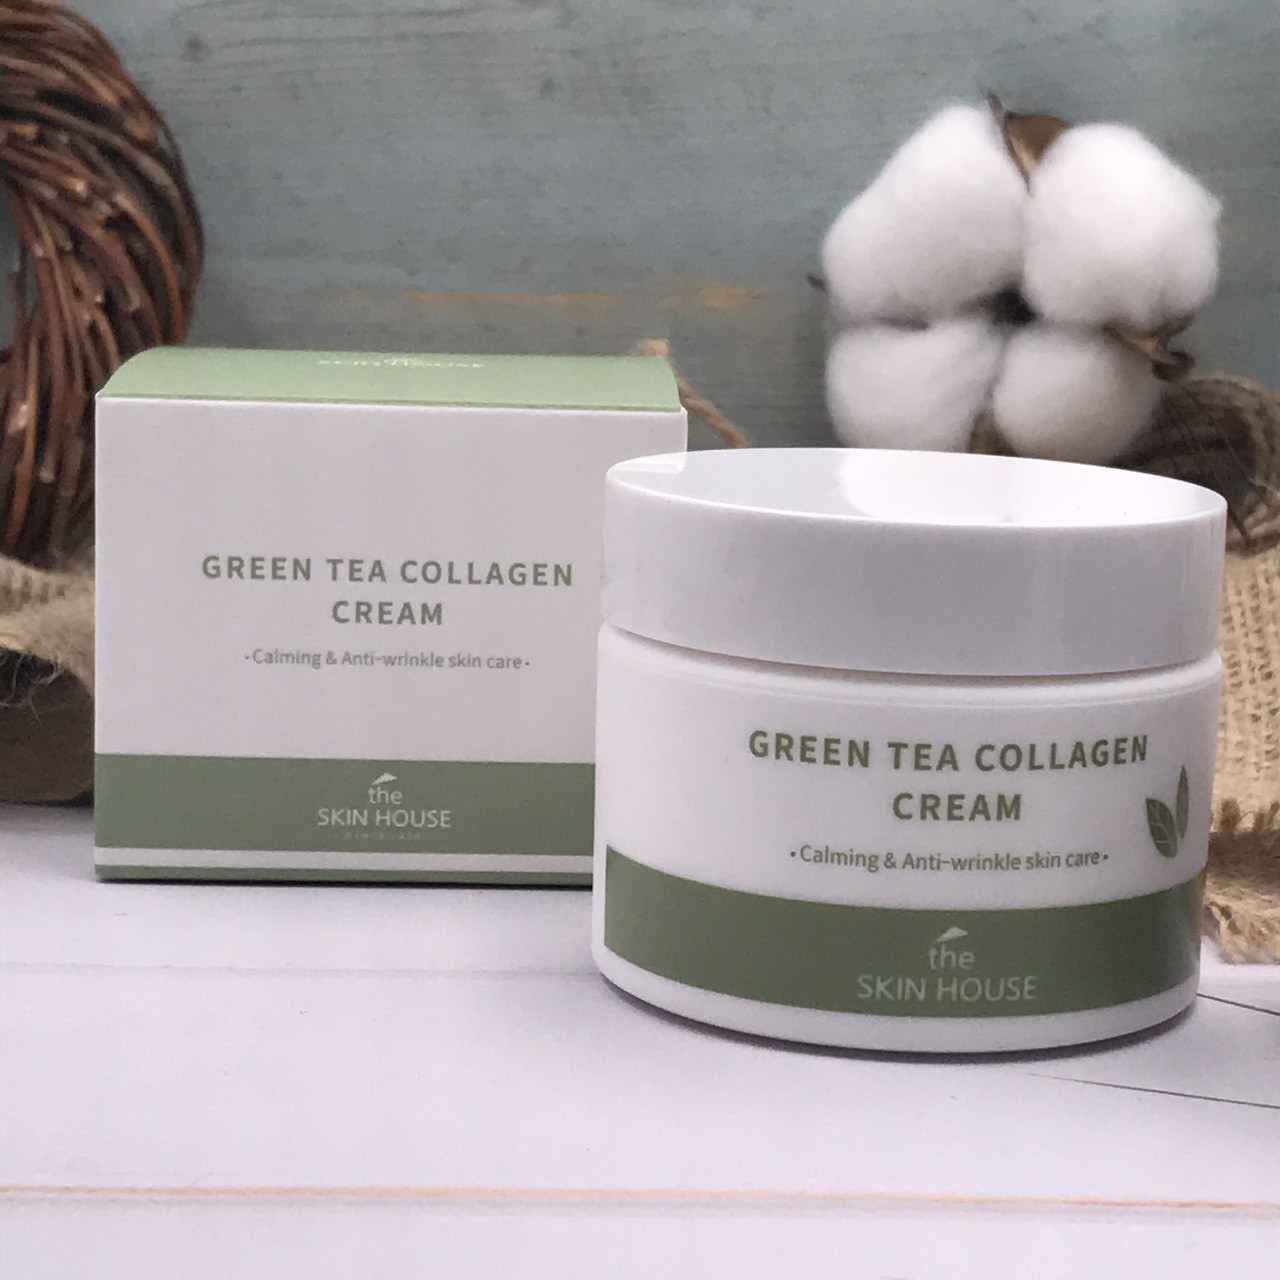 Успокаивающий крем The Skin House против морщин с зеленым чаем и коллагеном Green Tea Collagen Cream